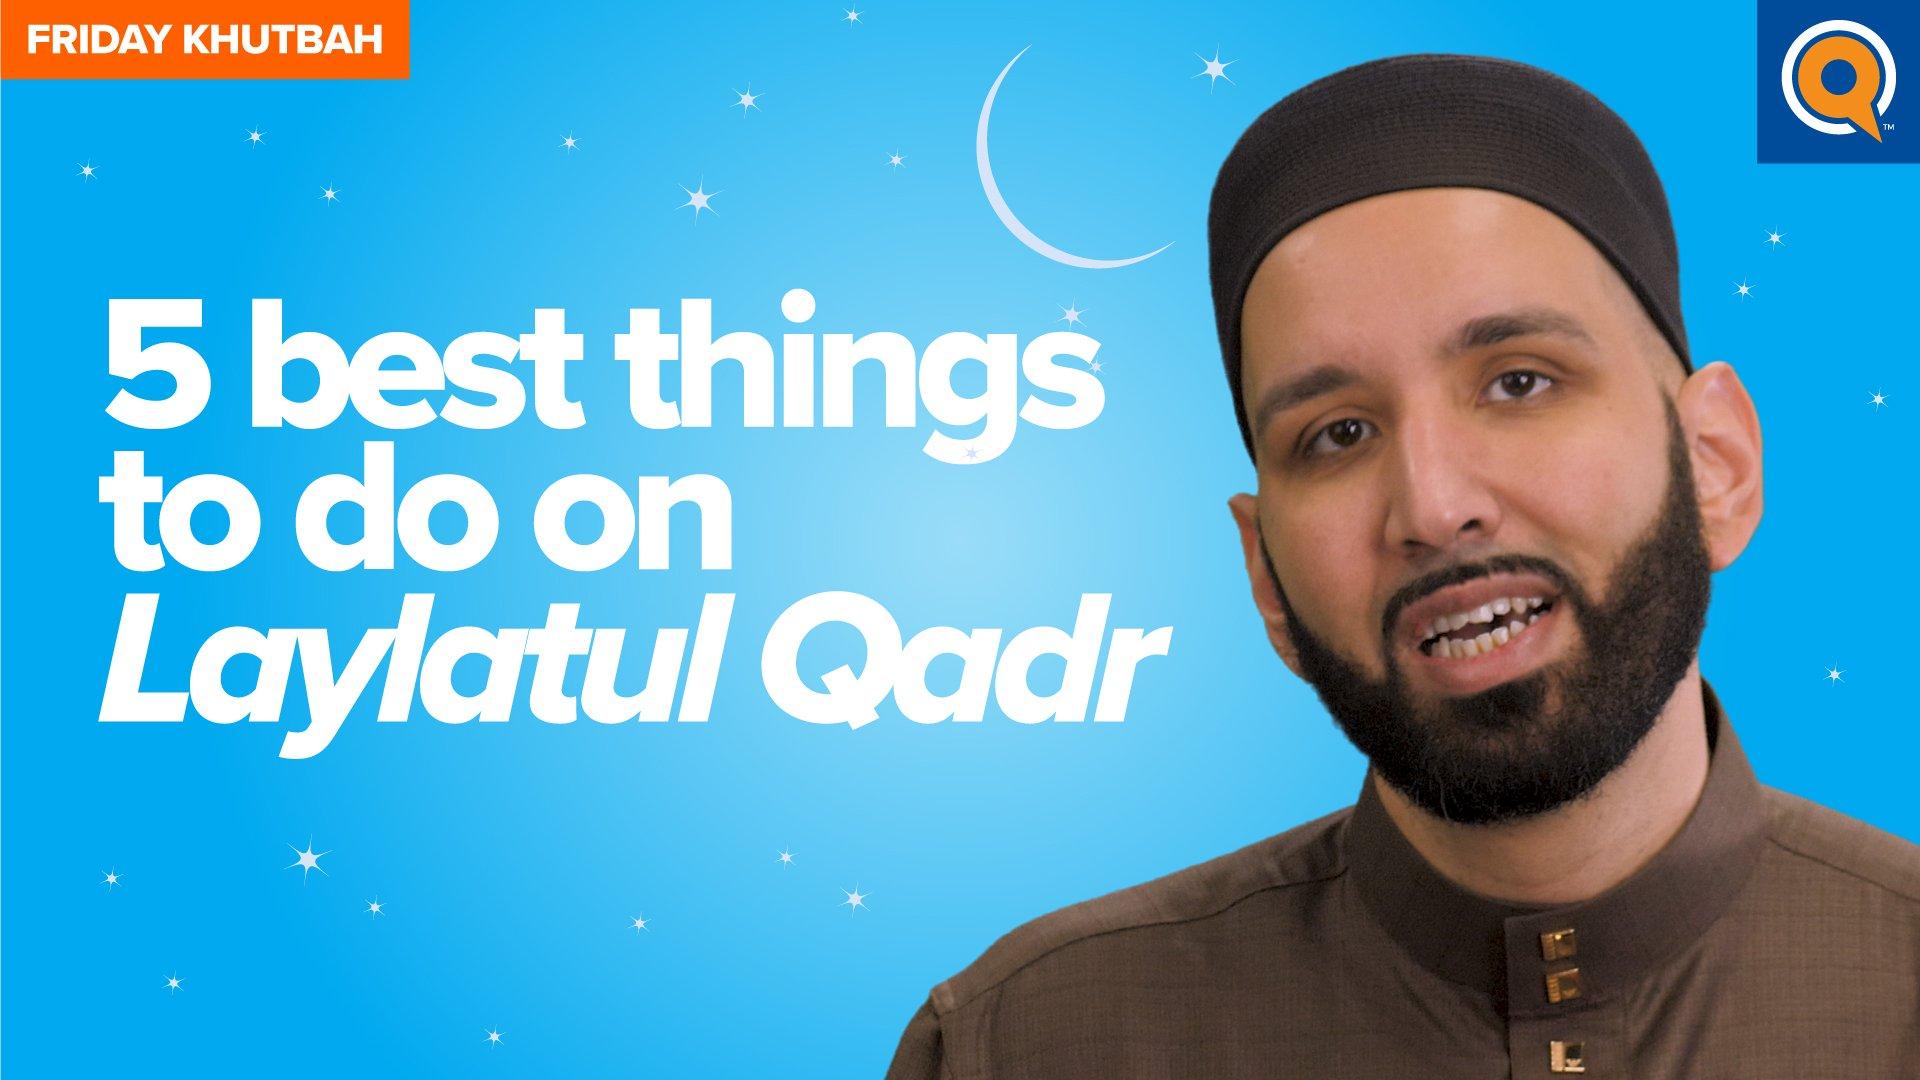 The Effect Of Laylatul Qadr On The Heart | Khutbah